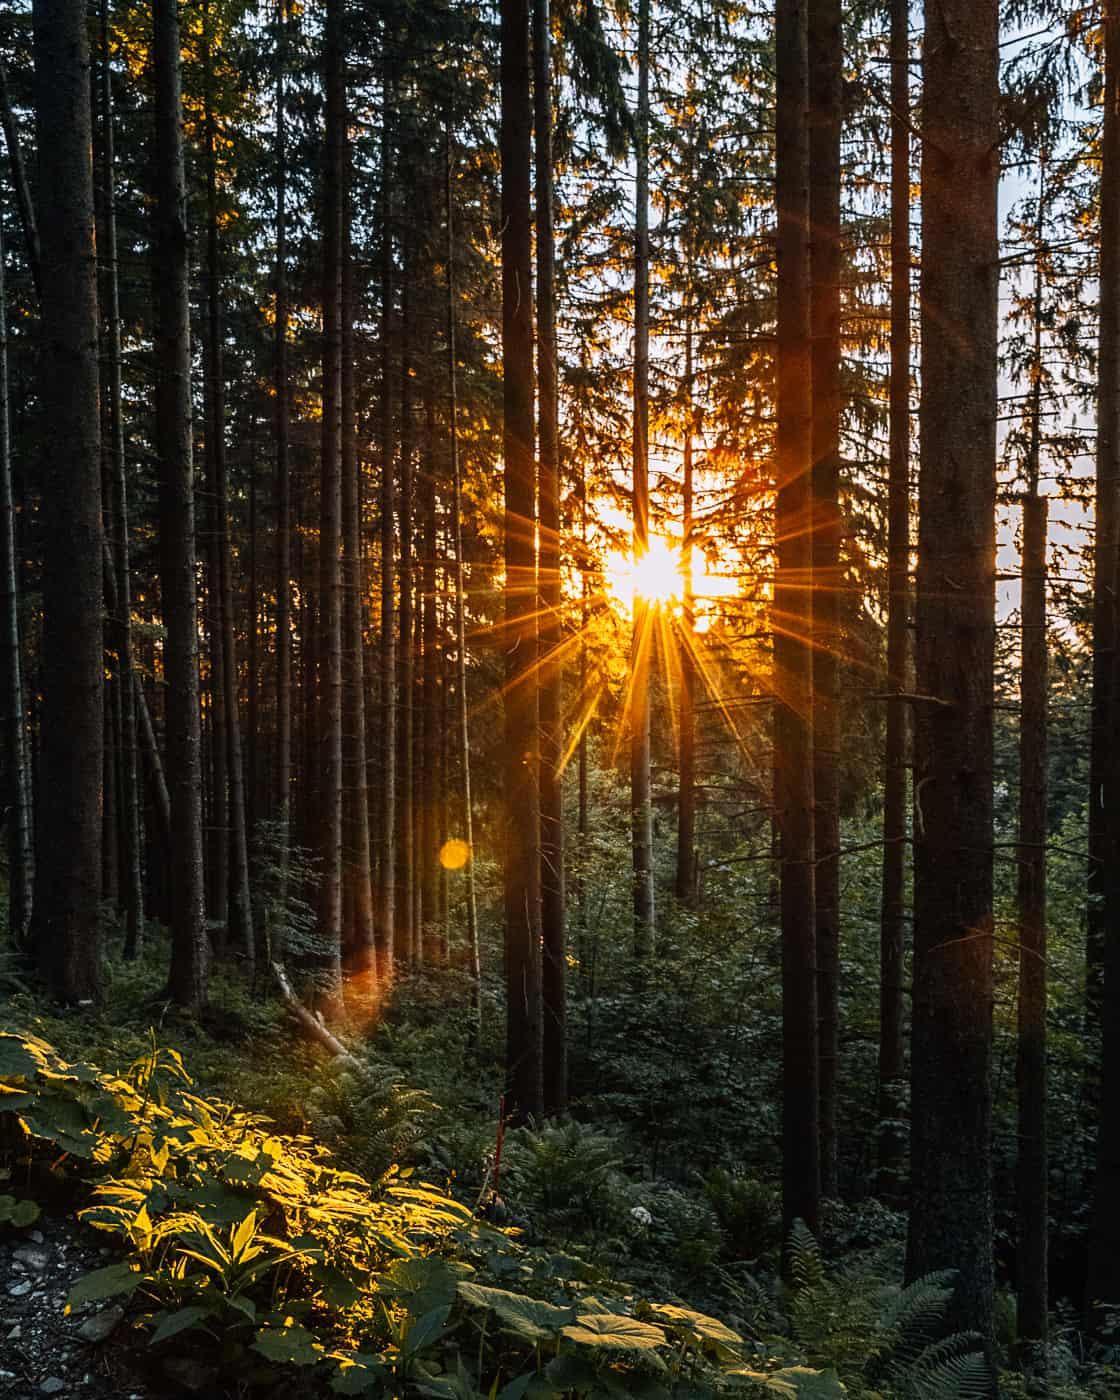 Bad Tölz & Tölzer Land - Tipps zum Natur geniessen